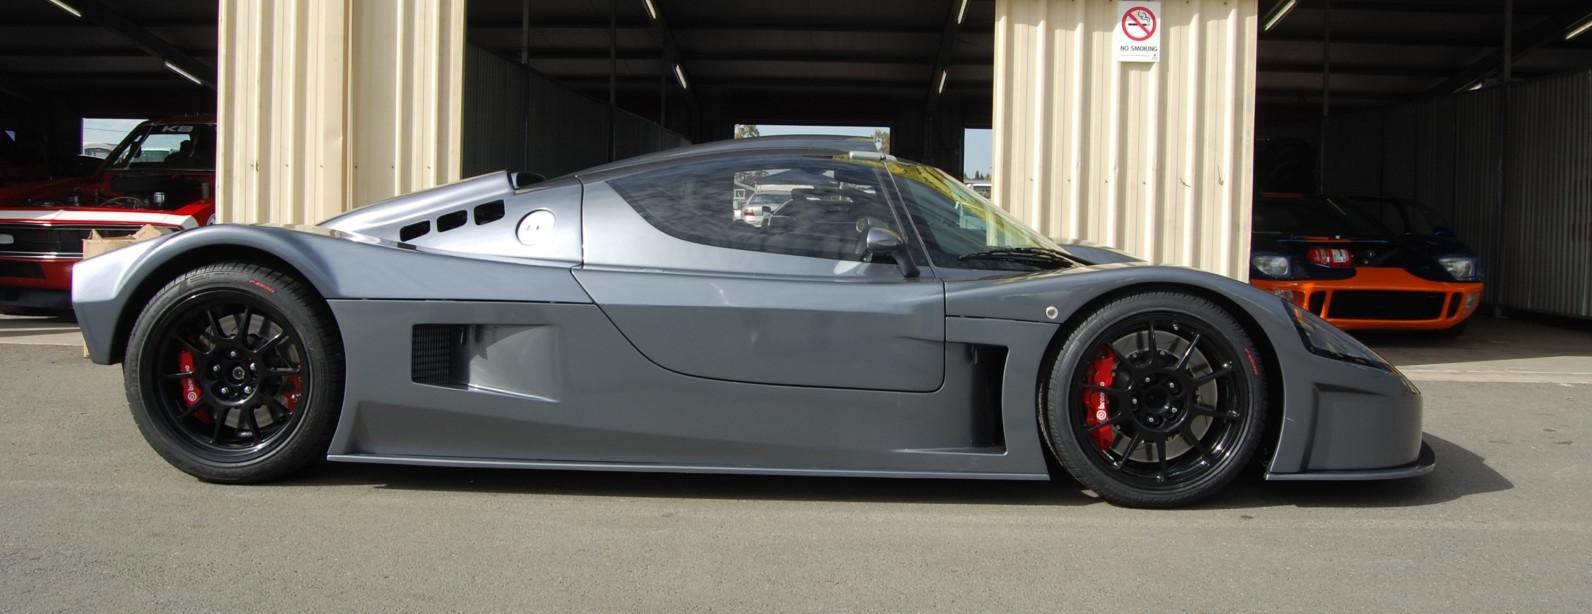 Slc Kit Car >> Gray Sl C Superlite Cars